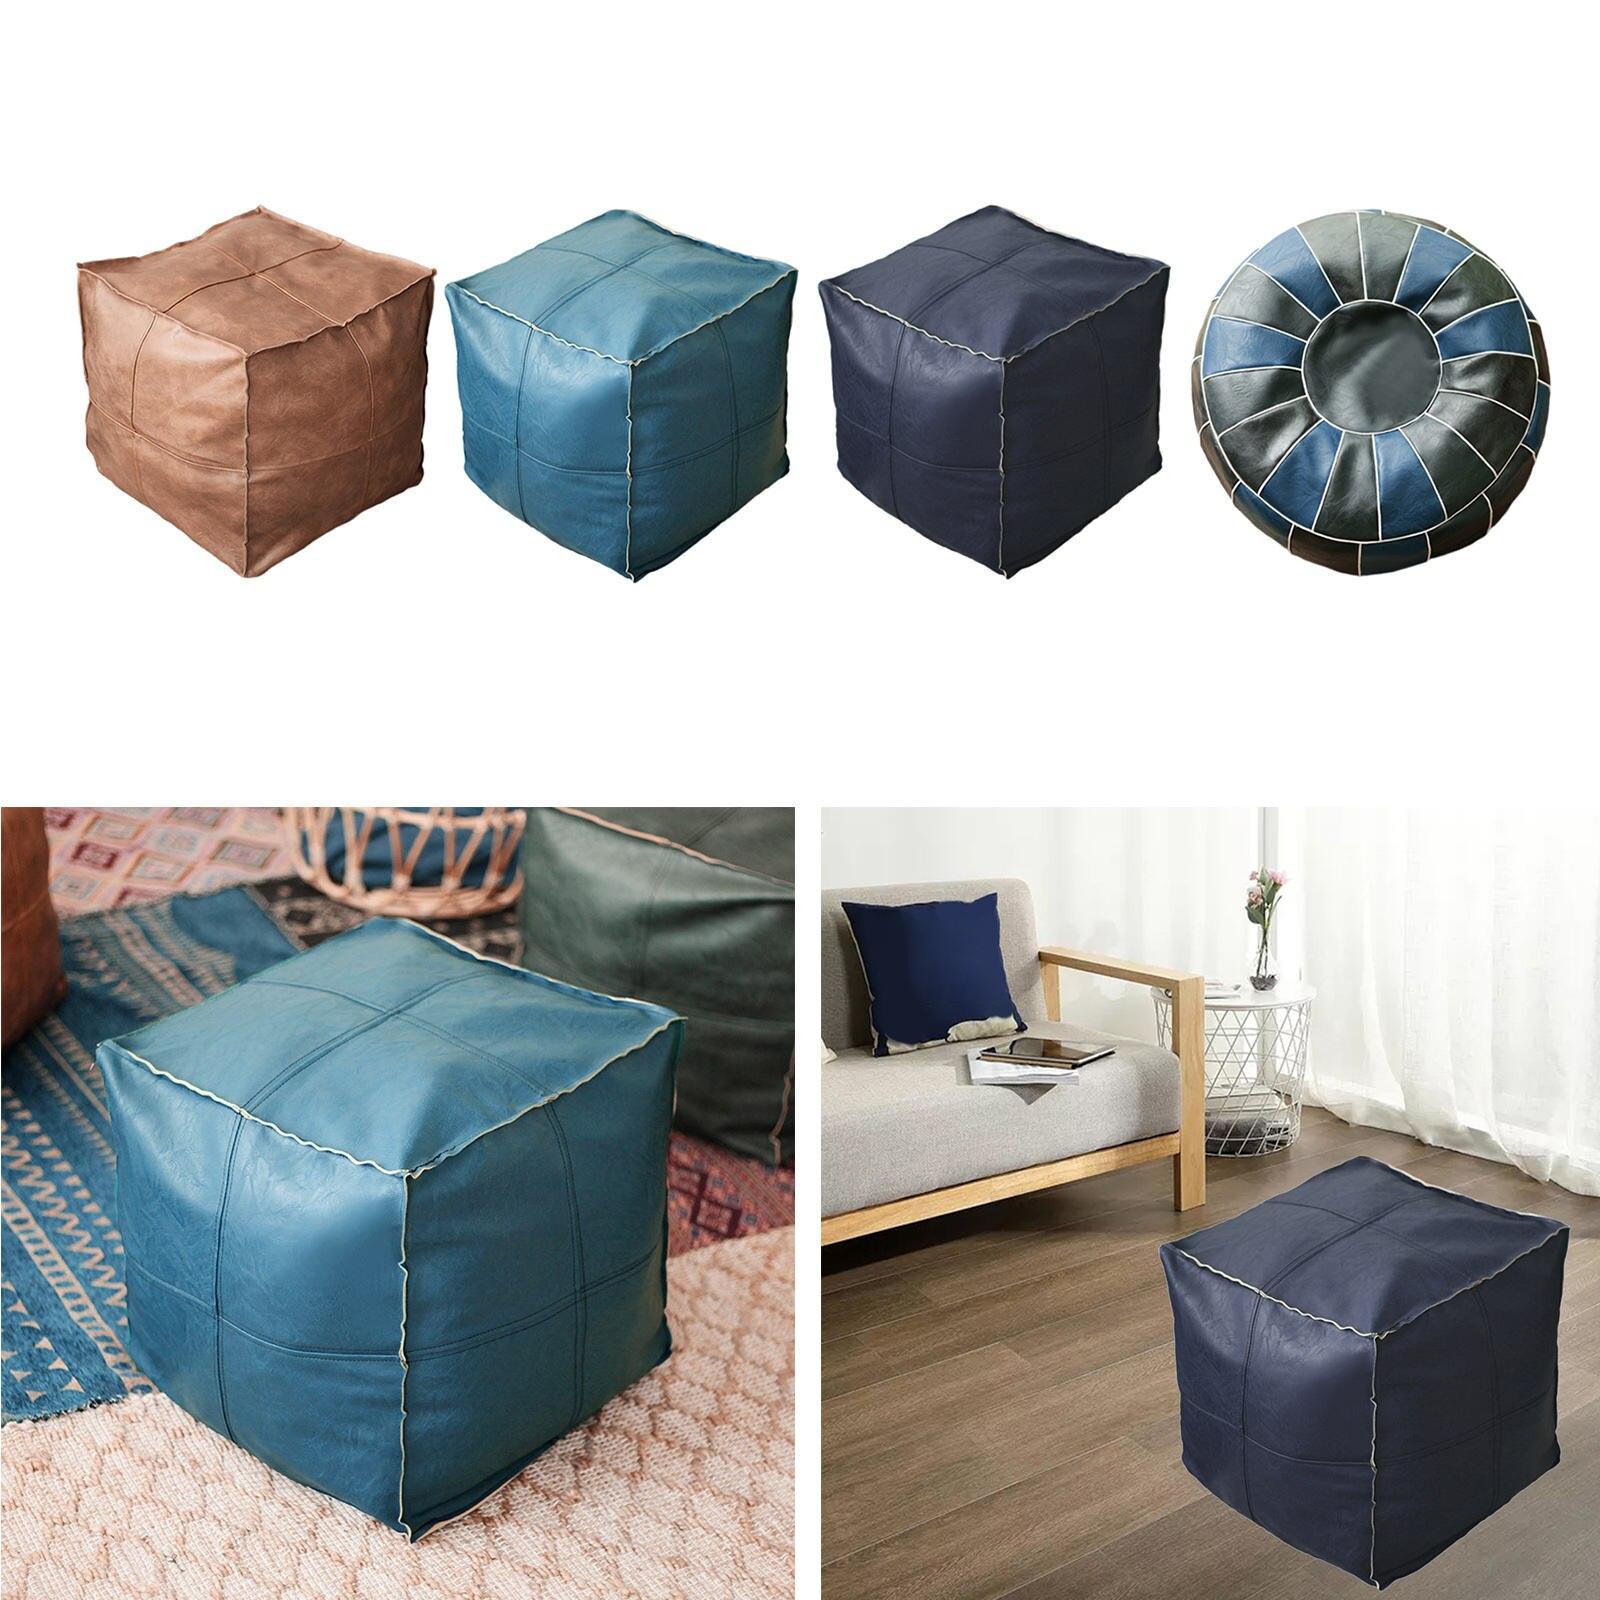 بوهو بولي Leather الجلود المغربي غطاء للمسندم المتكأ التخزين وسادة أرضية العثمانية غطاء البوهيمي ديكور المنزل